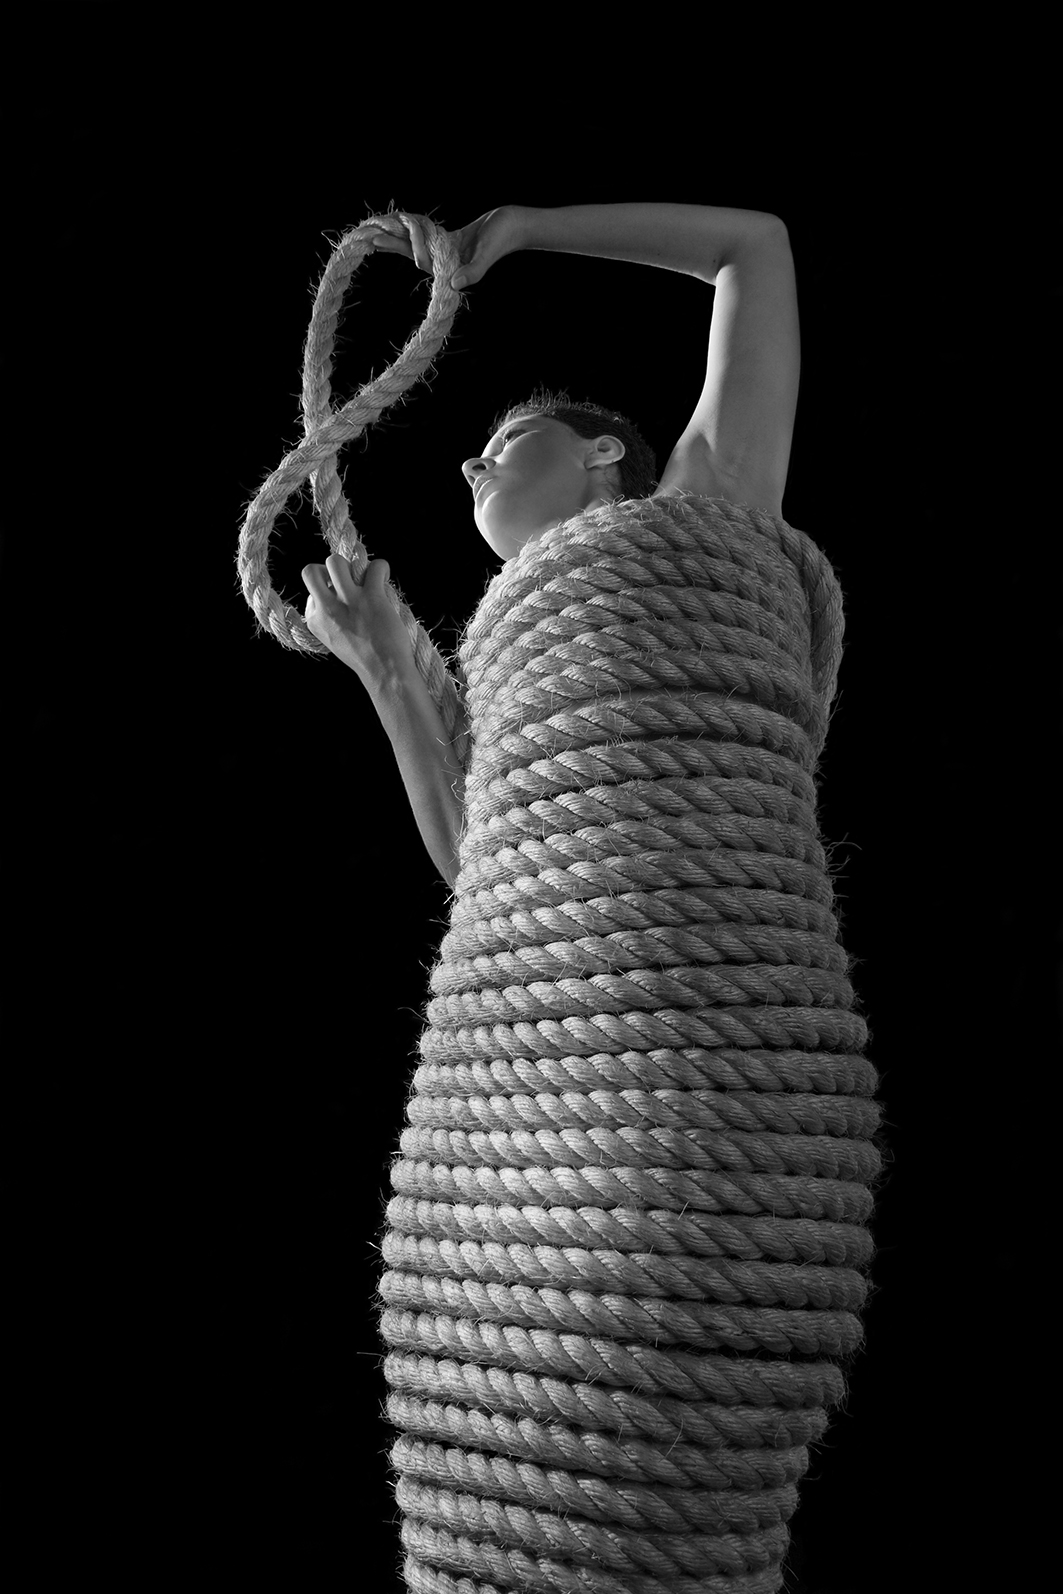 infinit strings